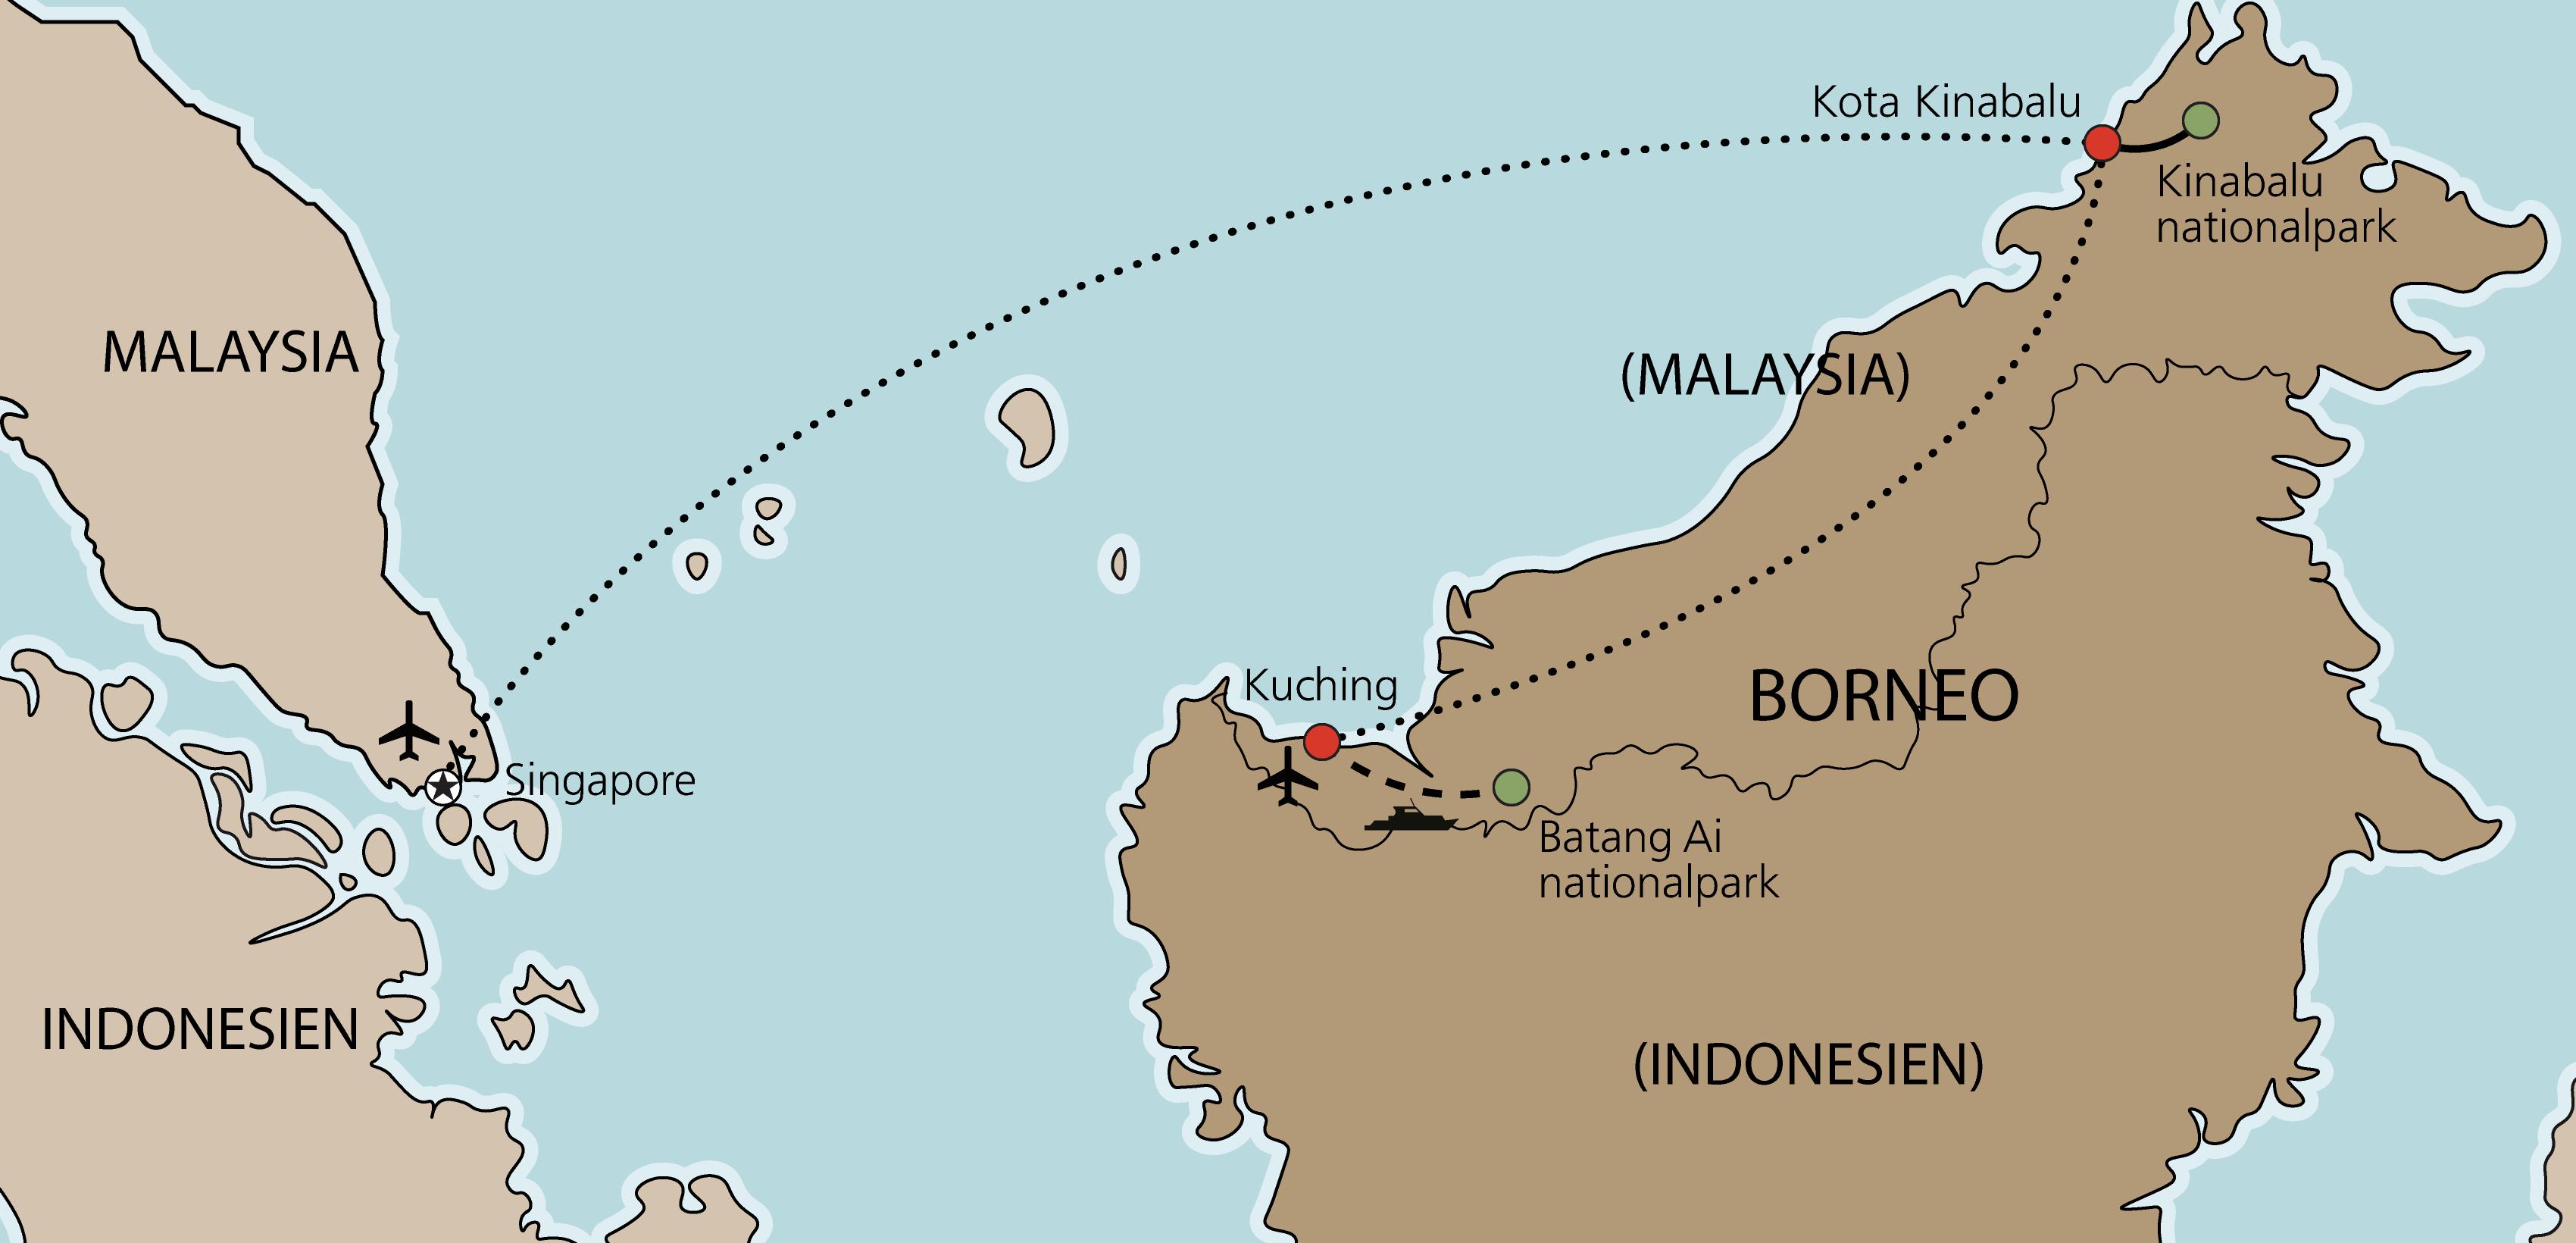 Karta Borneo